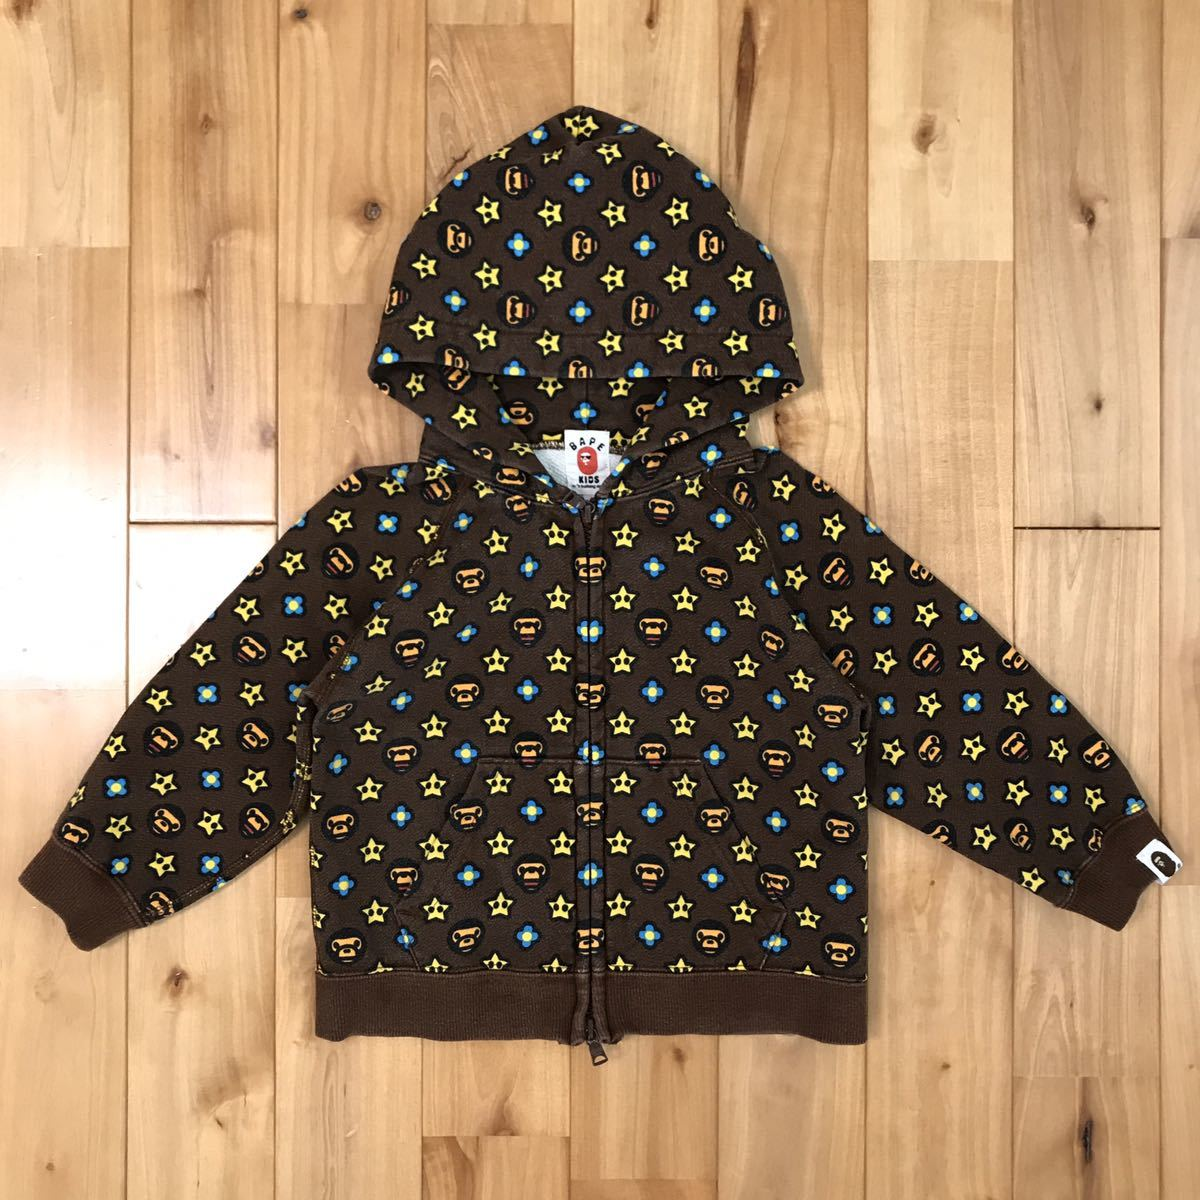 マイロ モノグラム パーカー キッズ 100サイズ a bathing ape bape baby milo Monogram zip hoodie エイプ ベイプ アベイシングエイプ kids